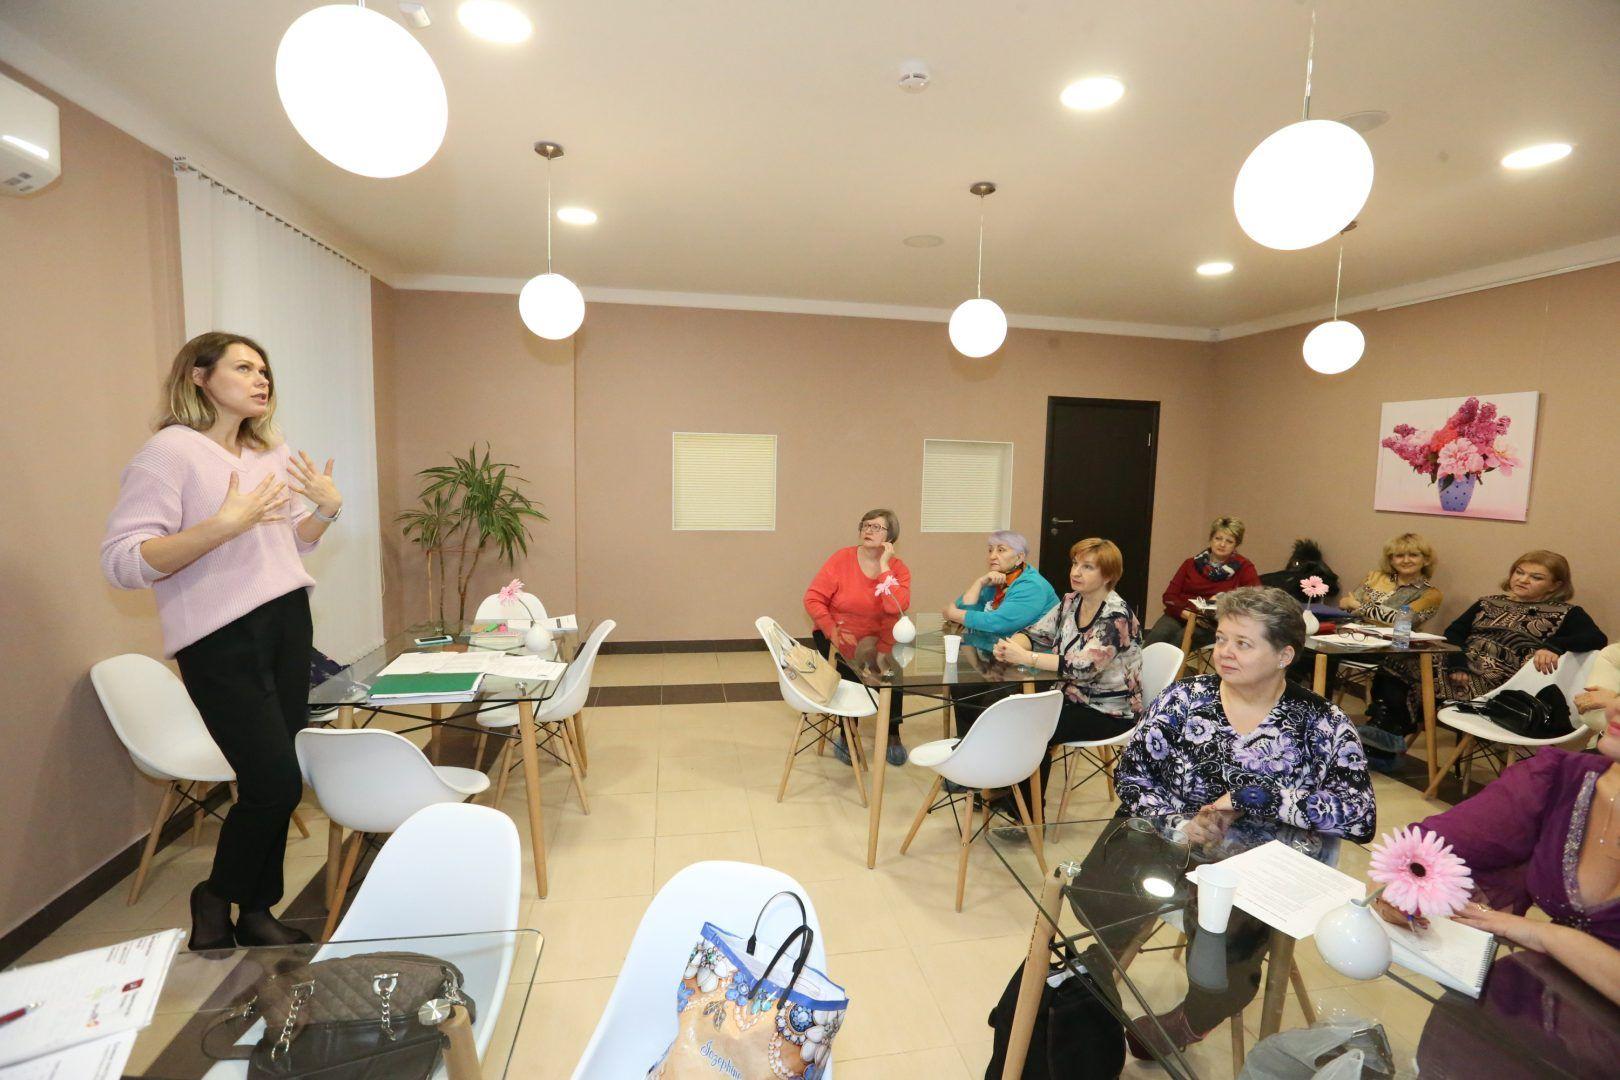 В первый час занятия участники слушают лекцию на темы питания и здоровья и задают вопросы. Фото: Виктор Хабаров